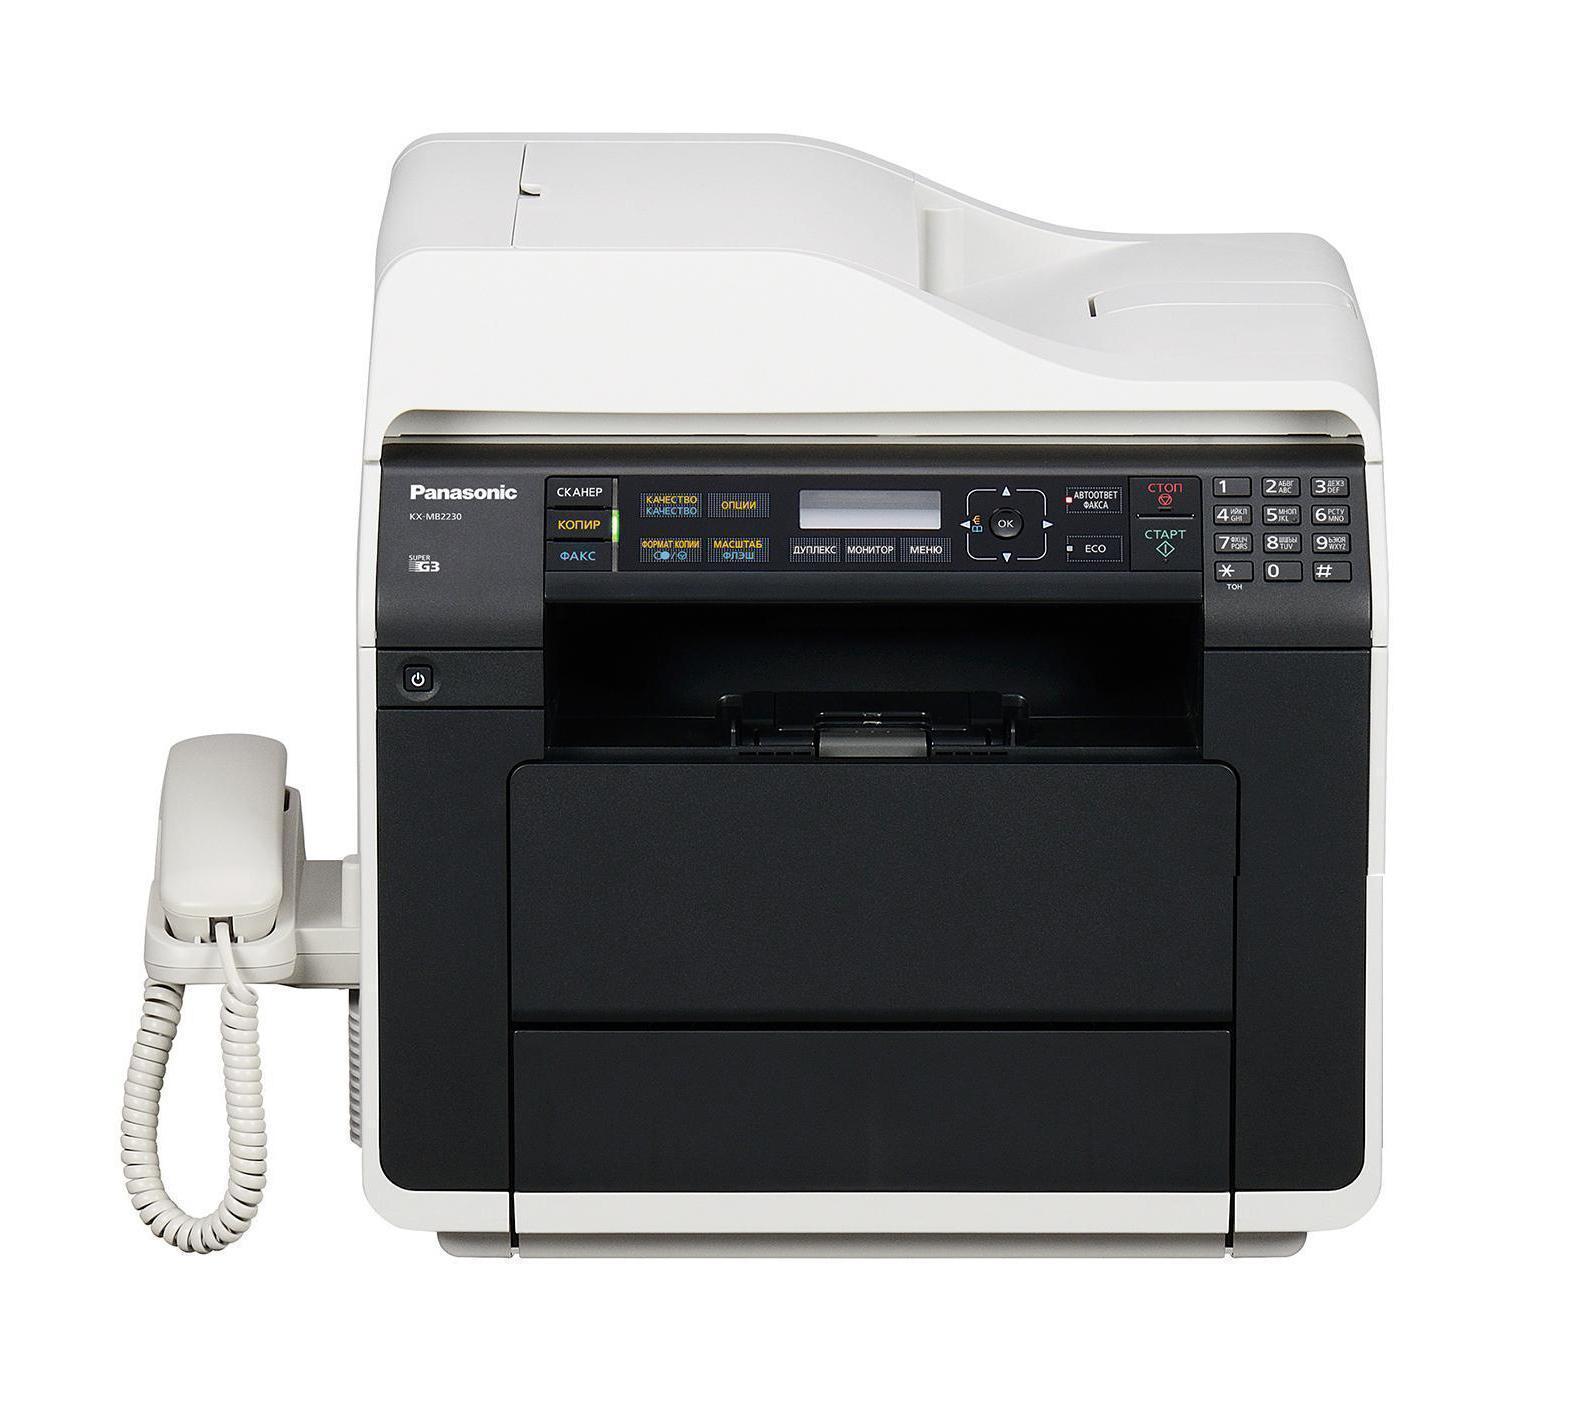 Panasonic KX-MB2540RU МФУKX-MB2540RUМФУ Panasonic KX-MB2540RU подойдет для использования, как дома, так и в офисе и сочетает в себе функции телефона, факса, принтера, копира и сканера. Устройством осуществляется монохромная печать с высокой скоростью (до 30 листов формата А4 в минуту). Также есть возможность двусторонней печати и вместительный входной лоток (до 500 листов бумаги). Можно распечатать документы не только с компьютера, но и с USB - носителей. Аппарат оснащен функцией цветного сканирования и отправки документов по электронной почте или через ftp-сервер. Panasonic KX-MB2540RU станет вашим надежным помощником!